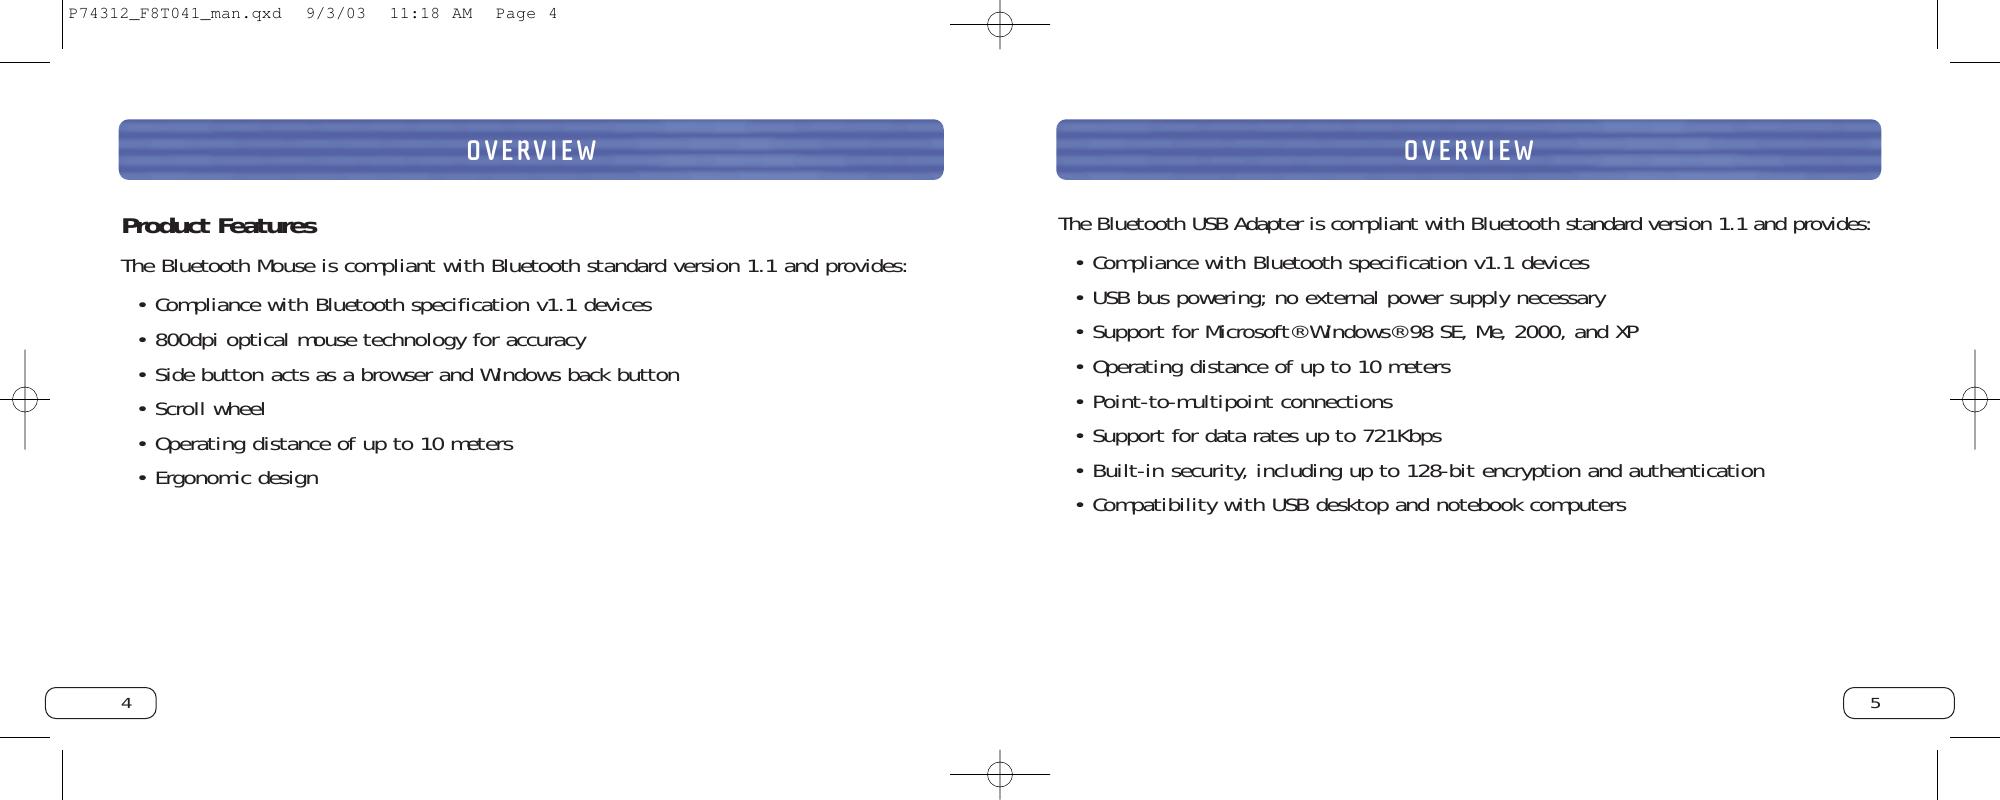 Belkin F8T041 B Users Manual P74312_F8T041_man